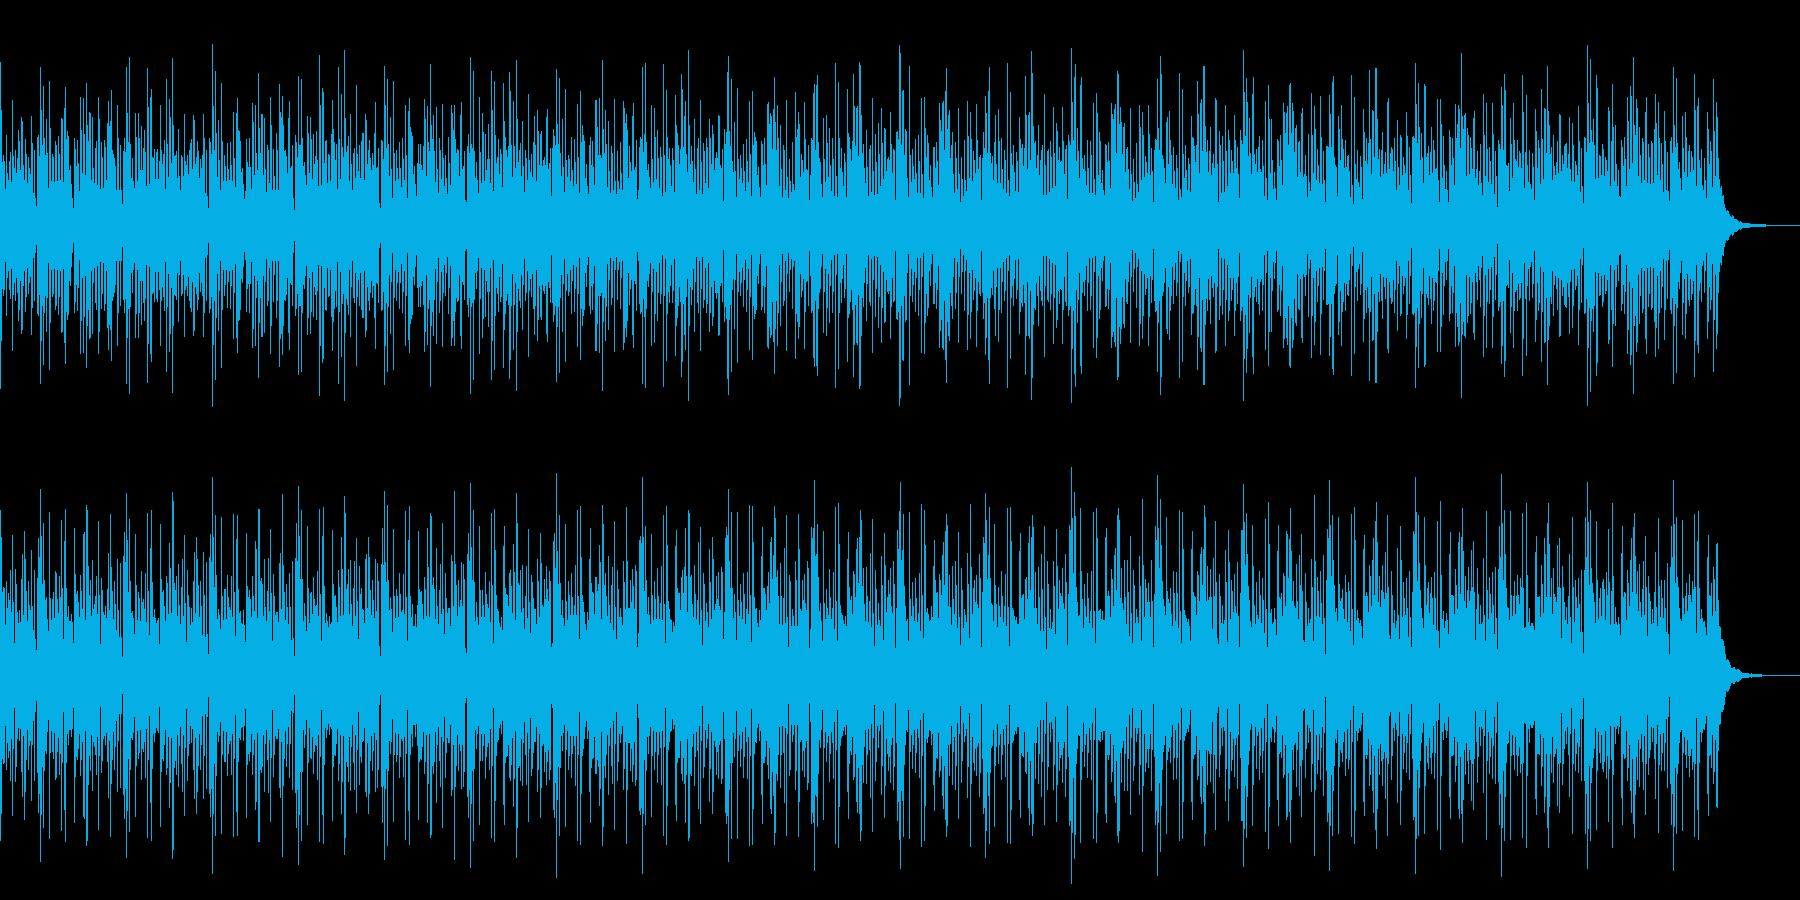 リズムパートのみの再生済みの波形